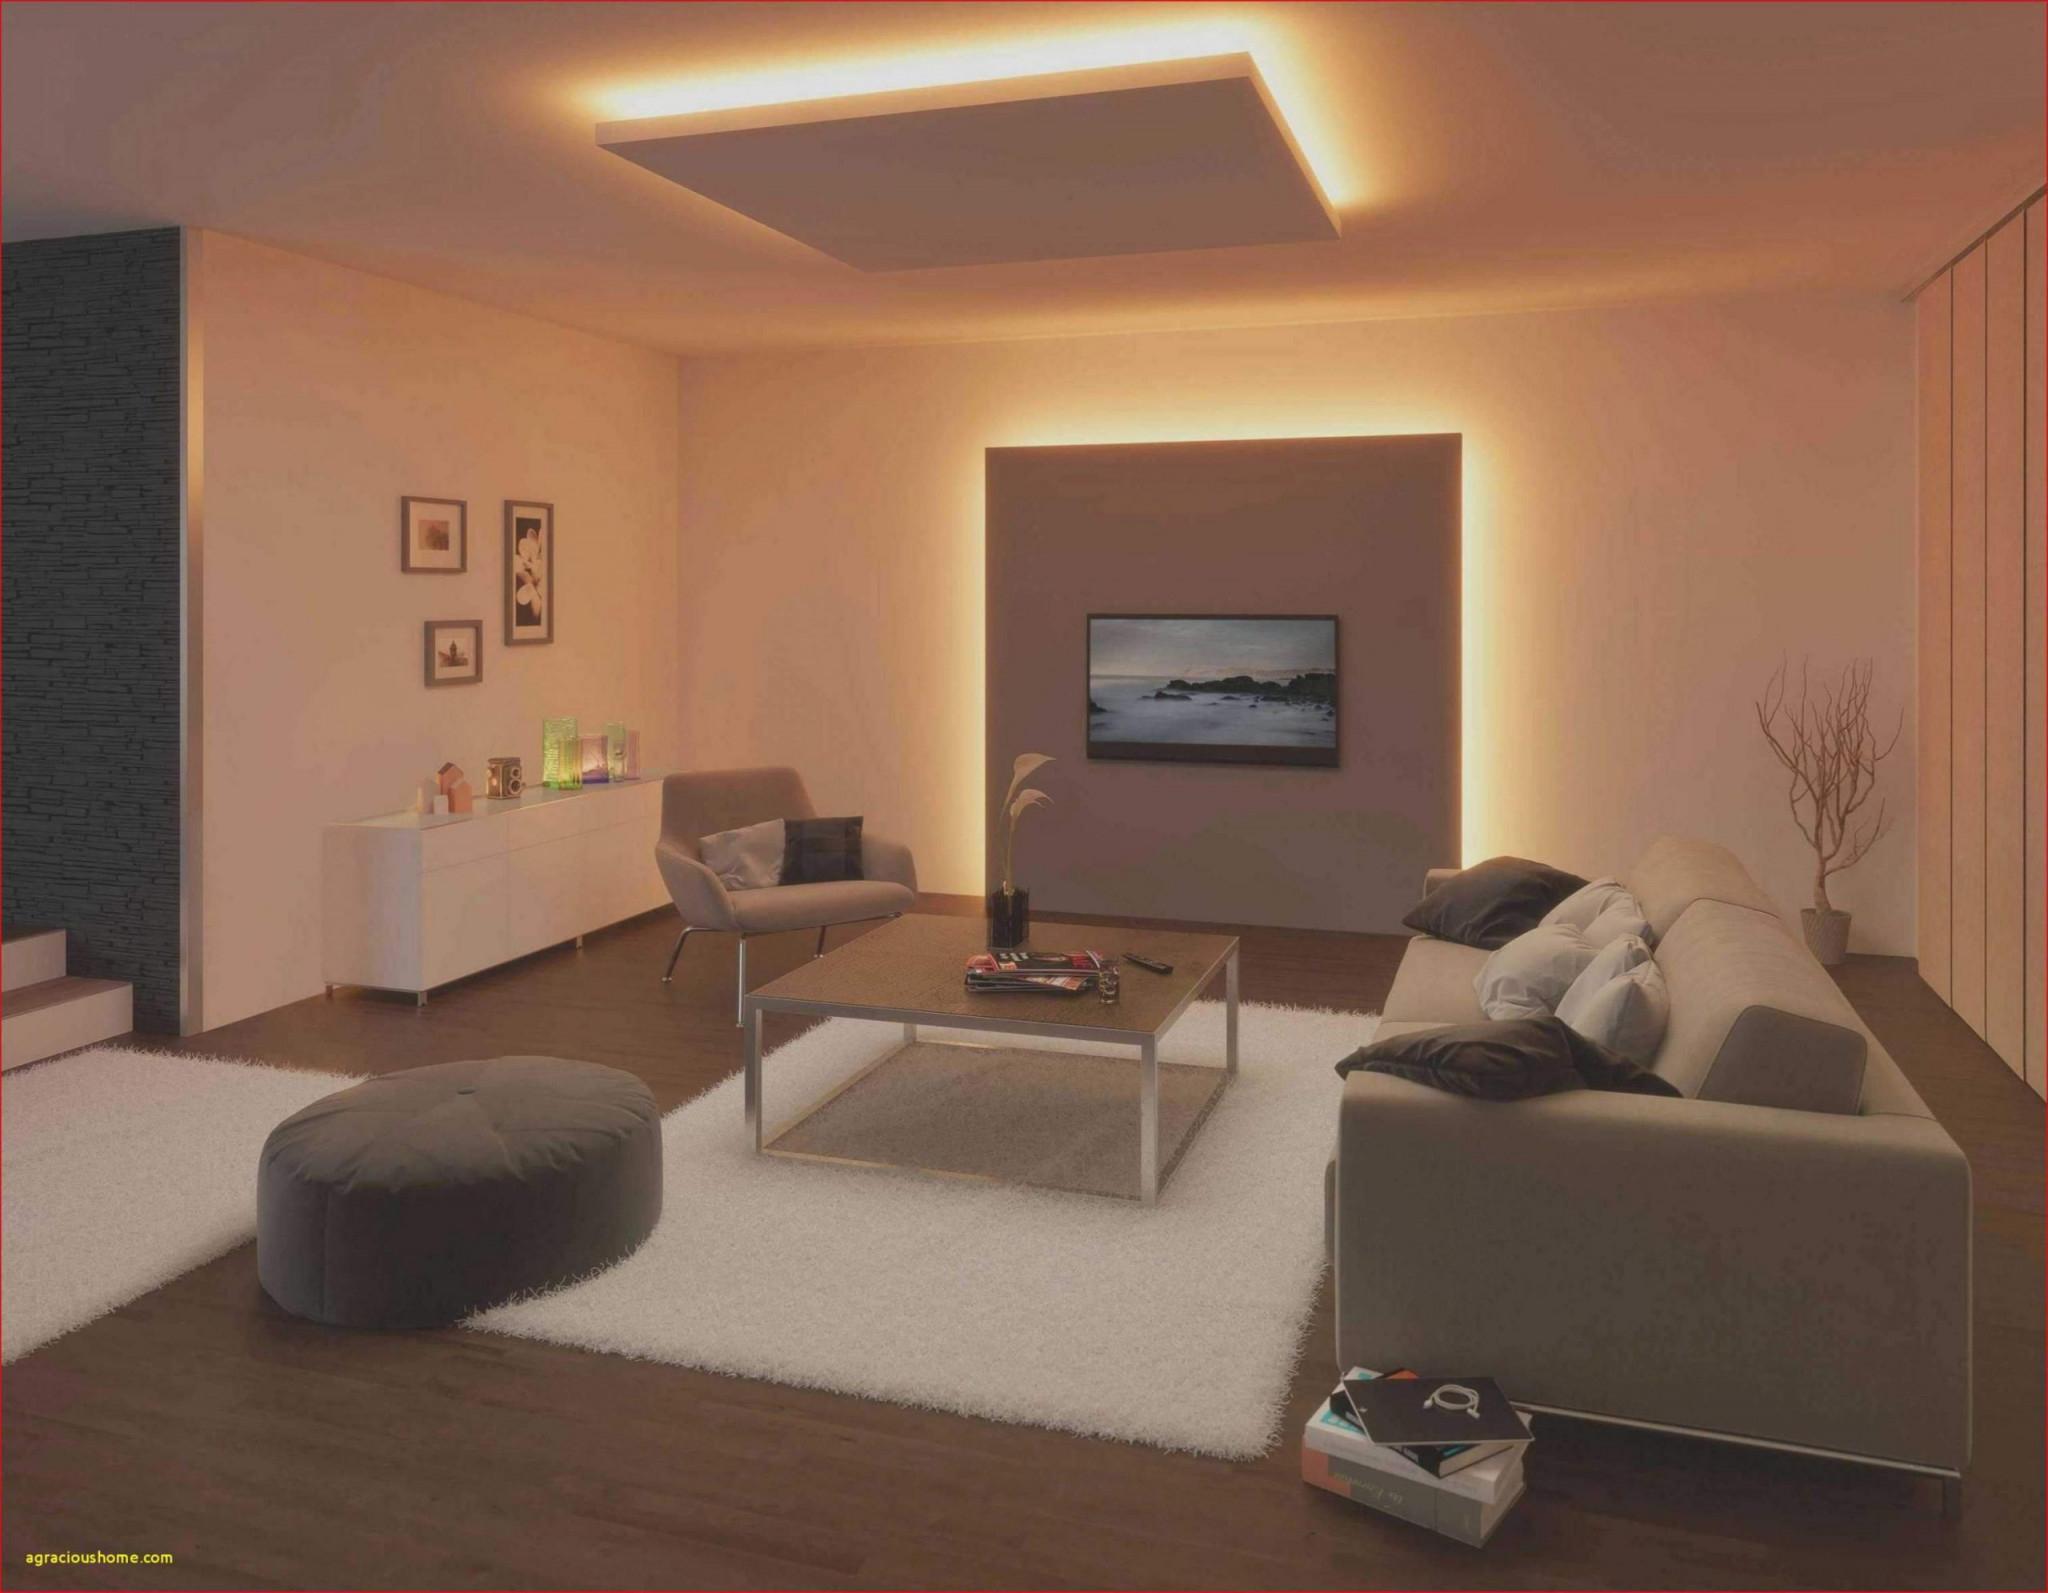 Wohnzimmer Gemütlich Modern Das Beste Von 50 Luxus Von von Wohnzimmer Ideen Modern Gemütlich Photo